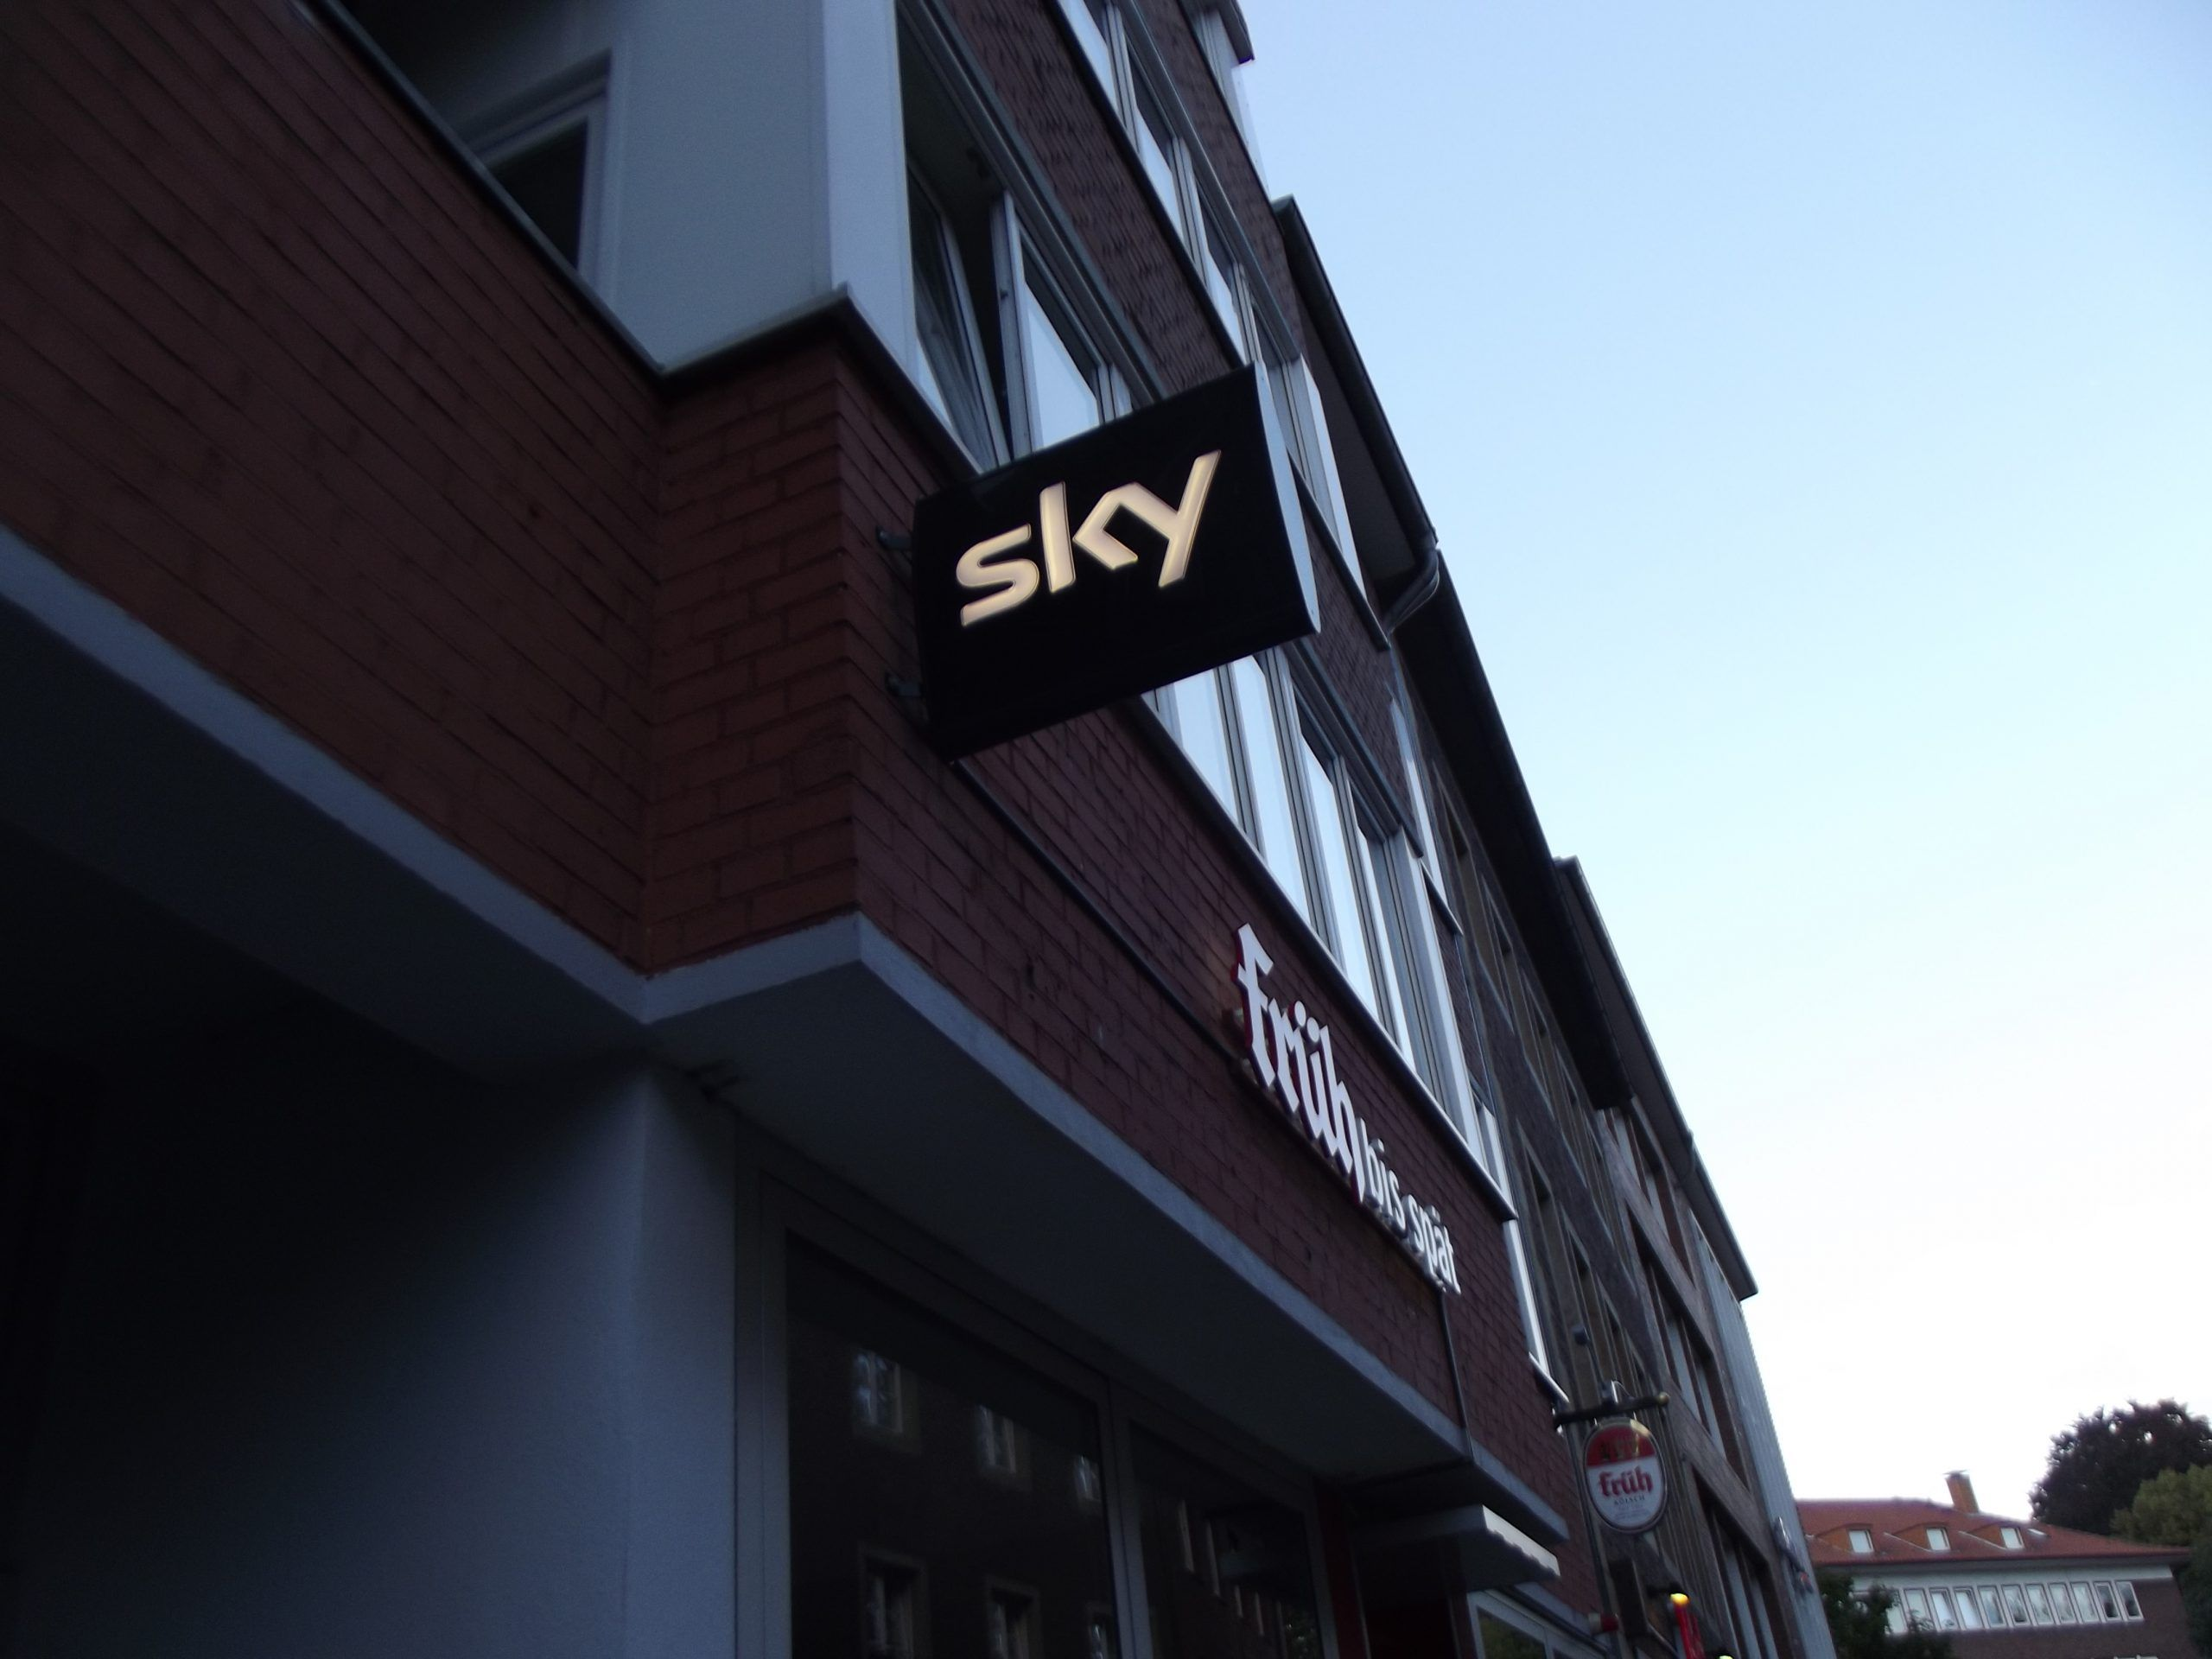 Sky, nuova stagione tv 2014-2015 con X Factor: 5 talent show, serie tv e cinema